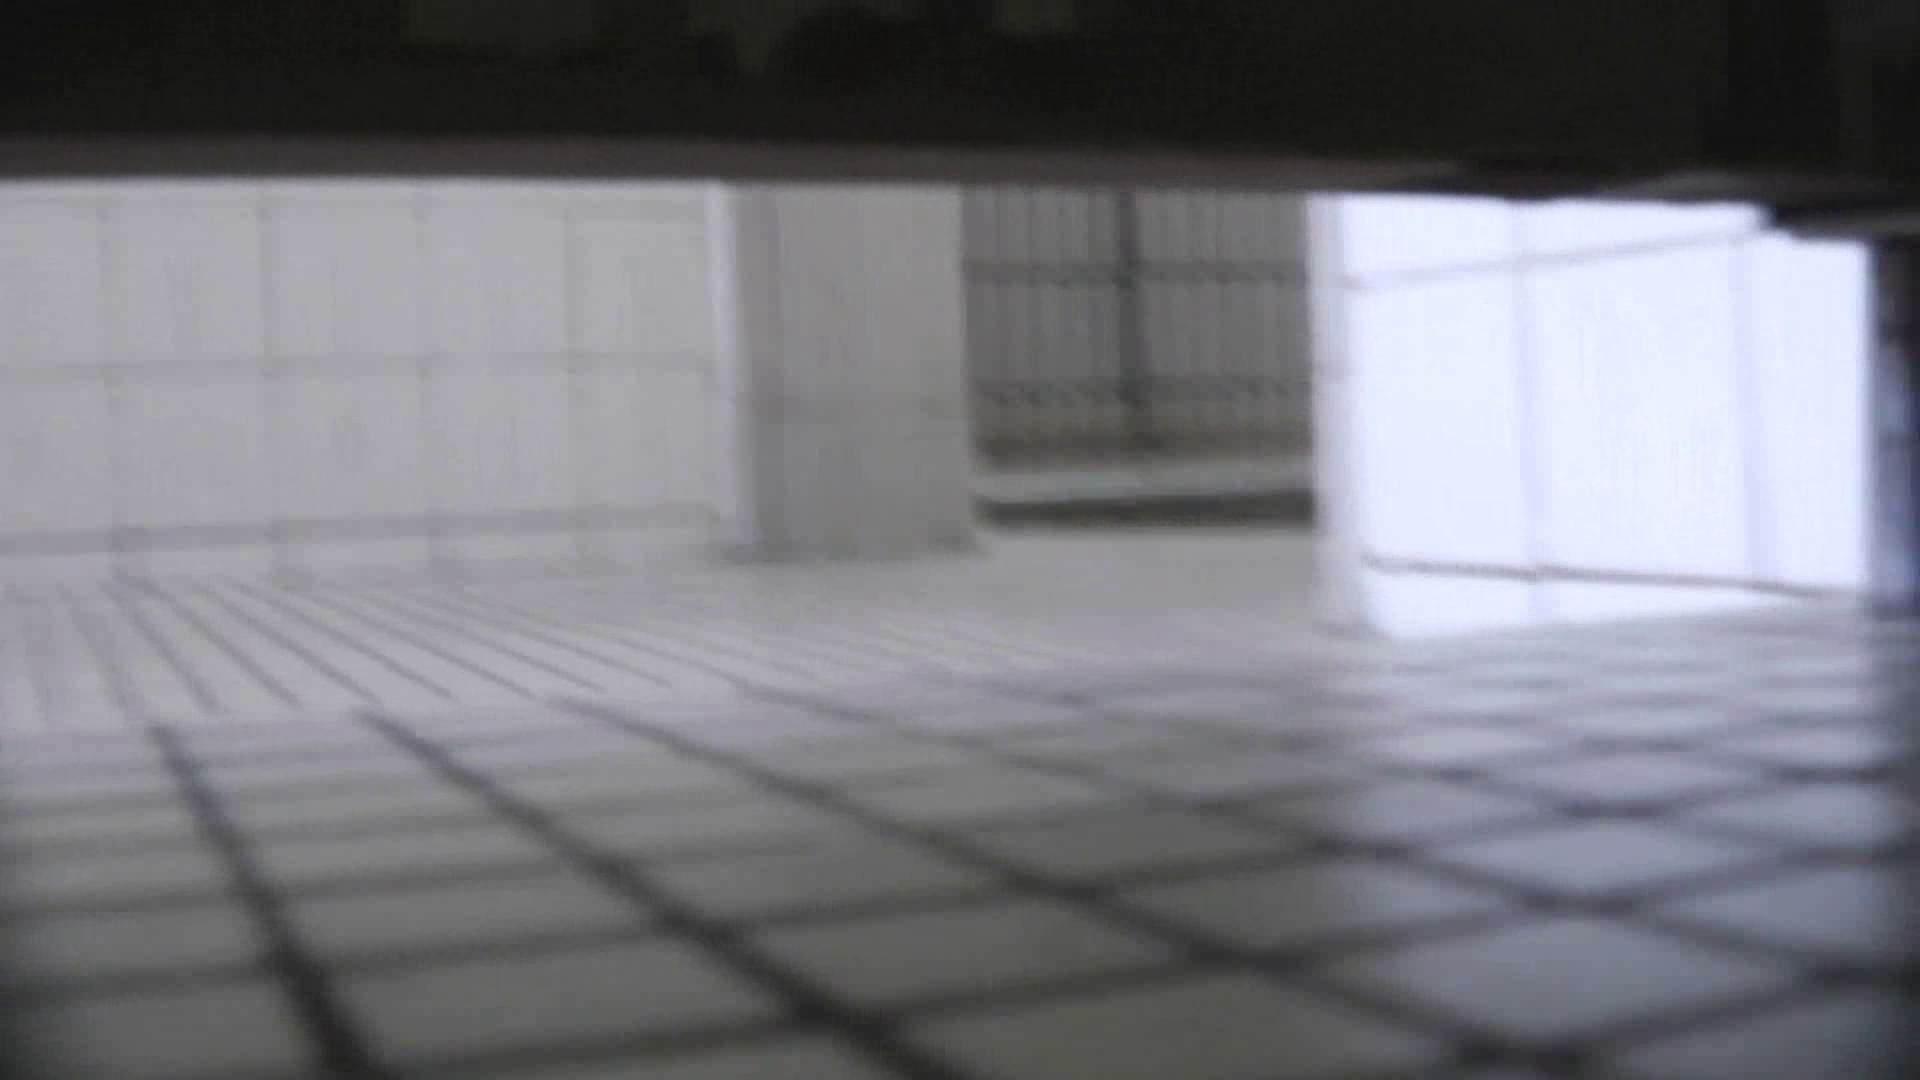 洗面所特攻隊 vol.002今回も鮮明です 洗面所 性交動画流出 109PIX 78